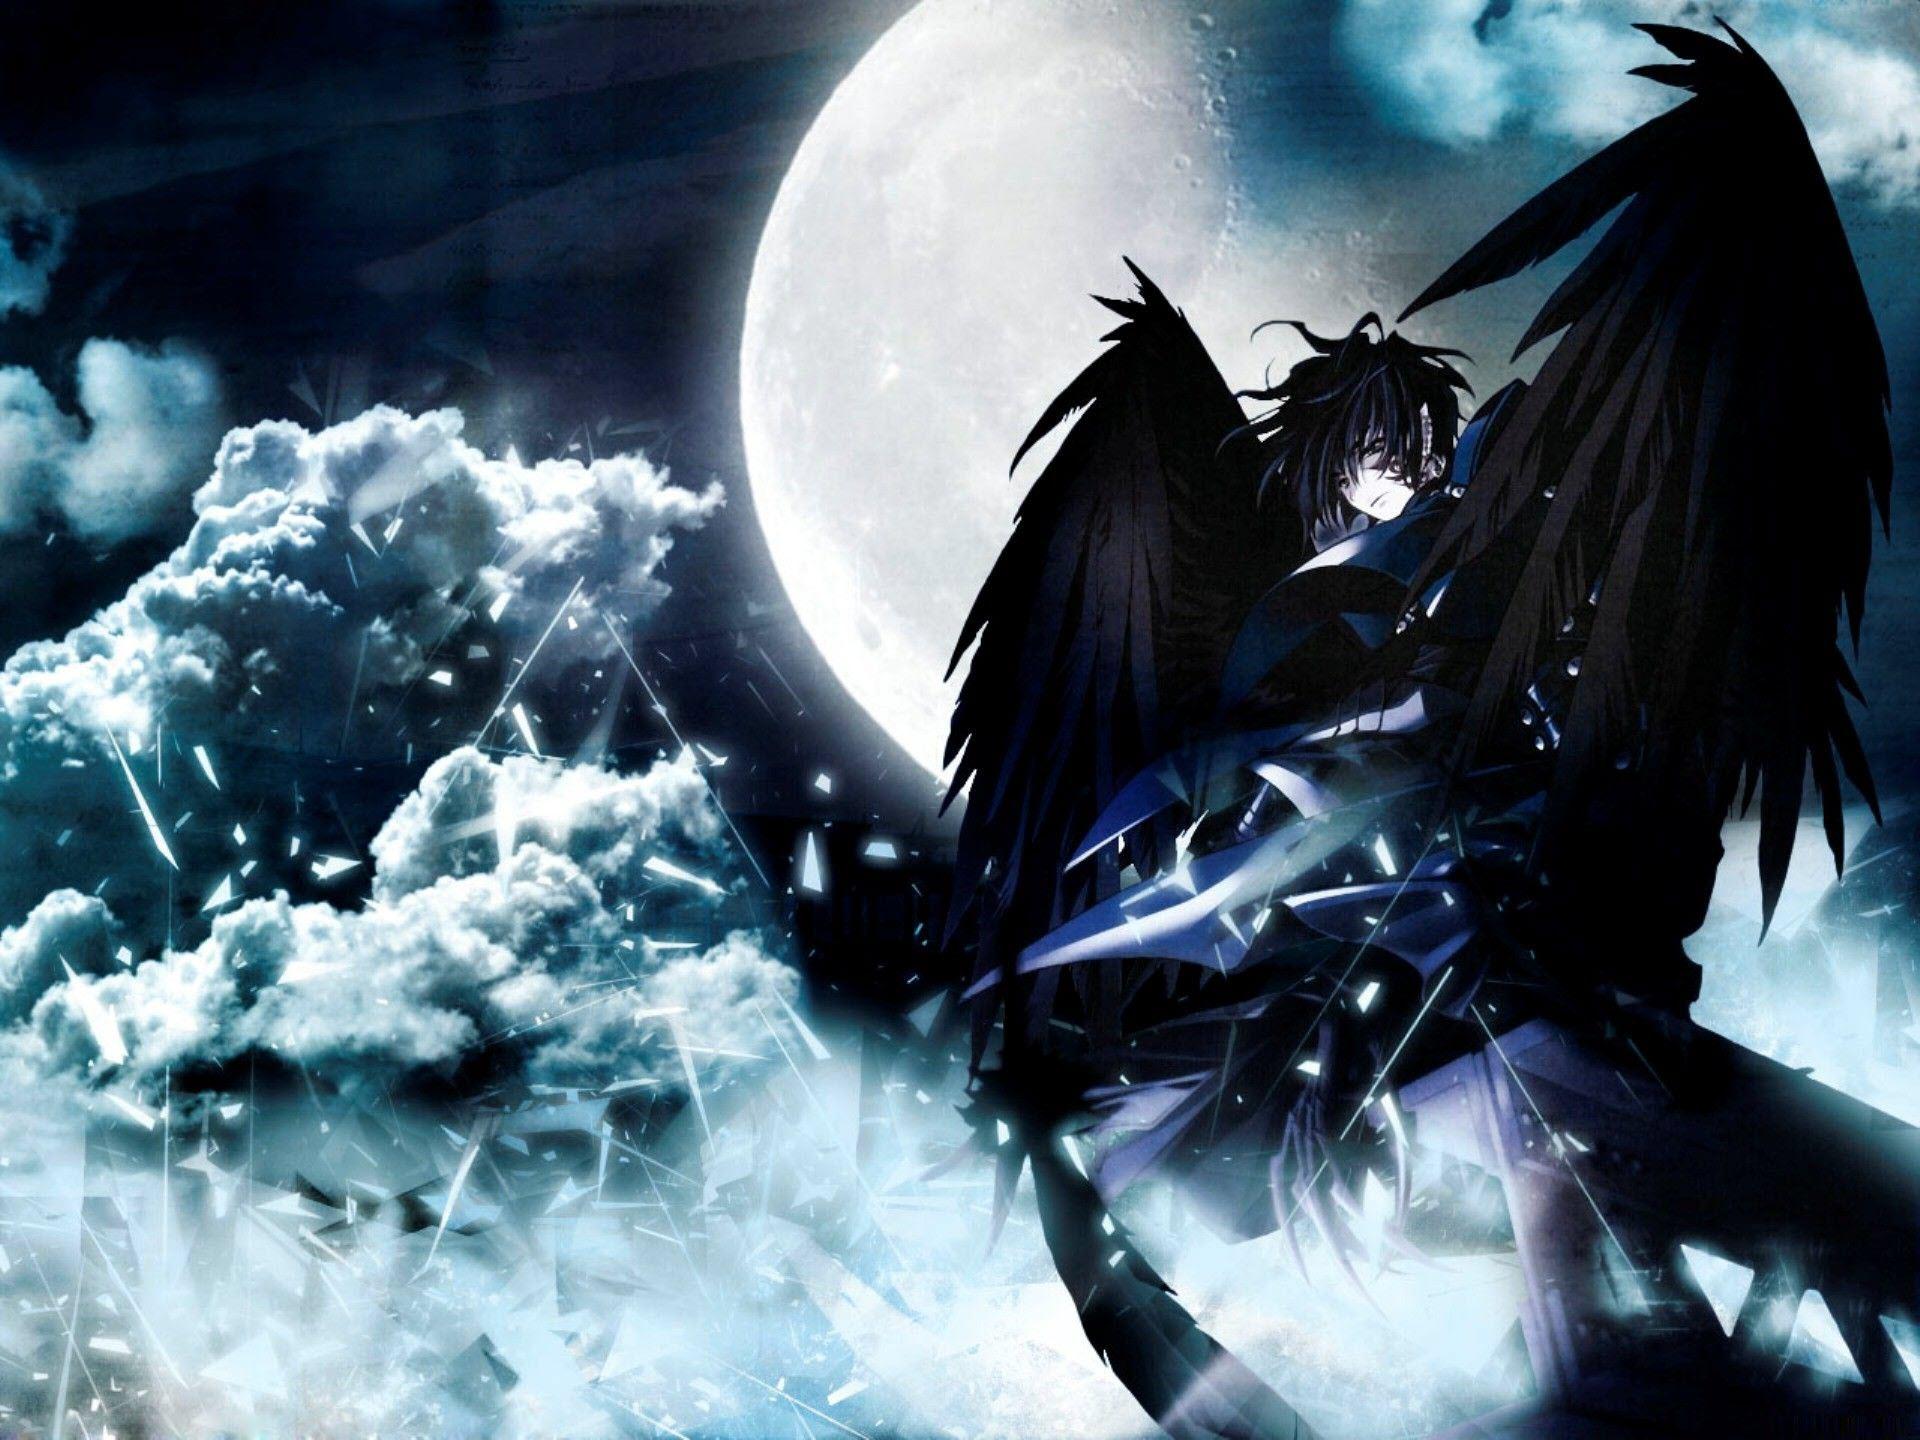 Ảnh Thiên thần sa ngã (Ác quỷ) đẹp nhất